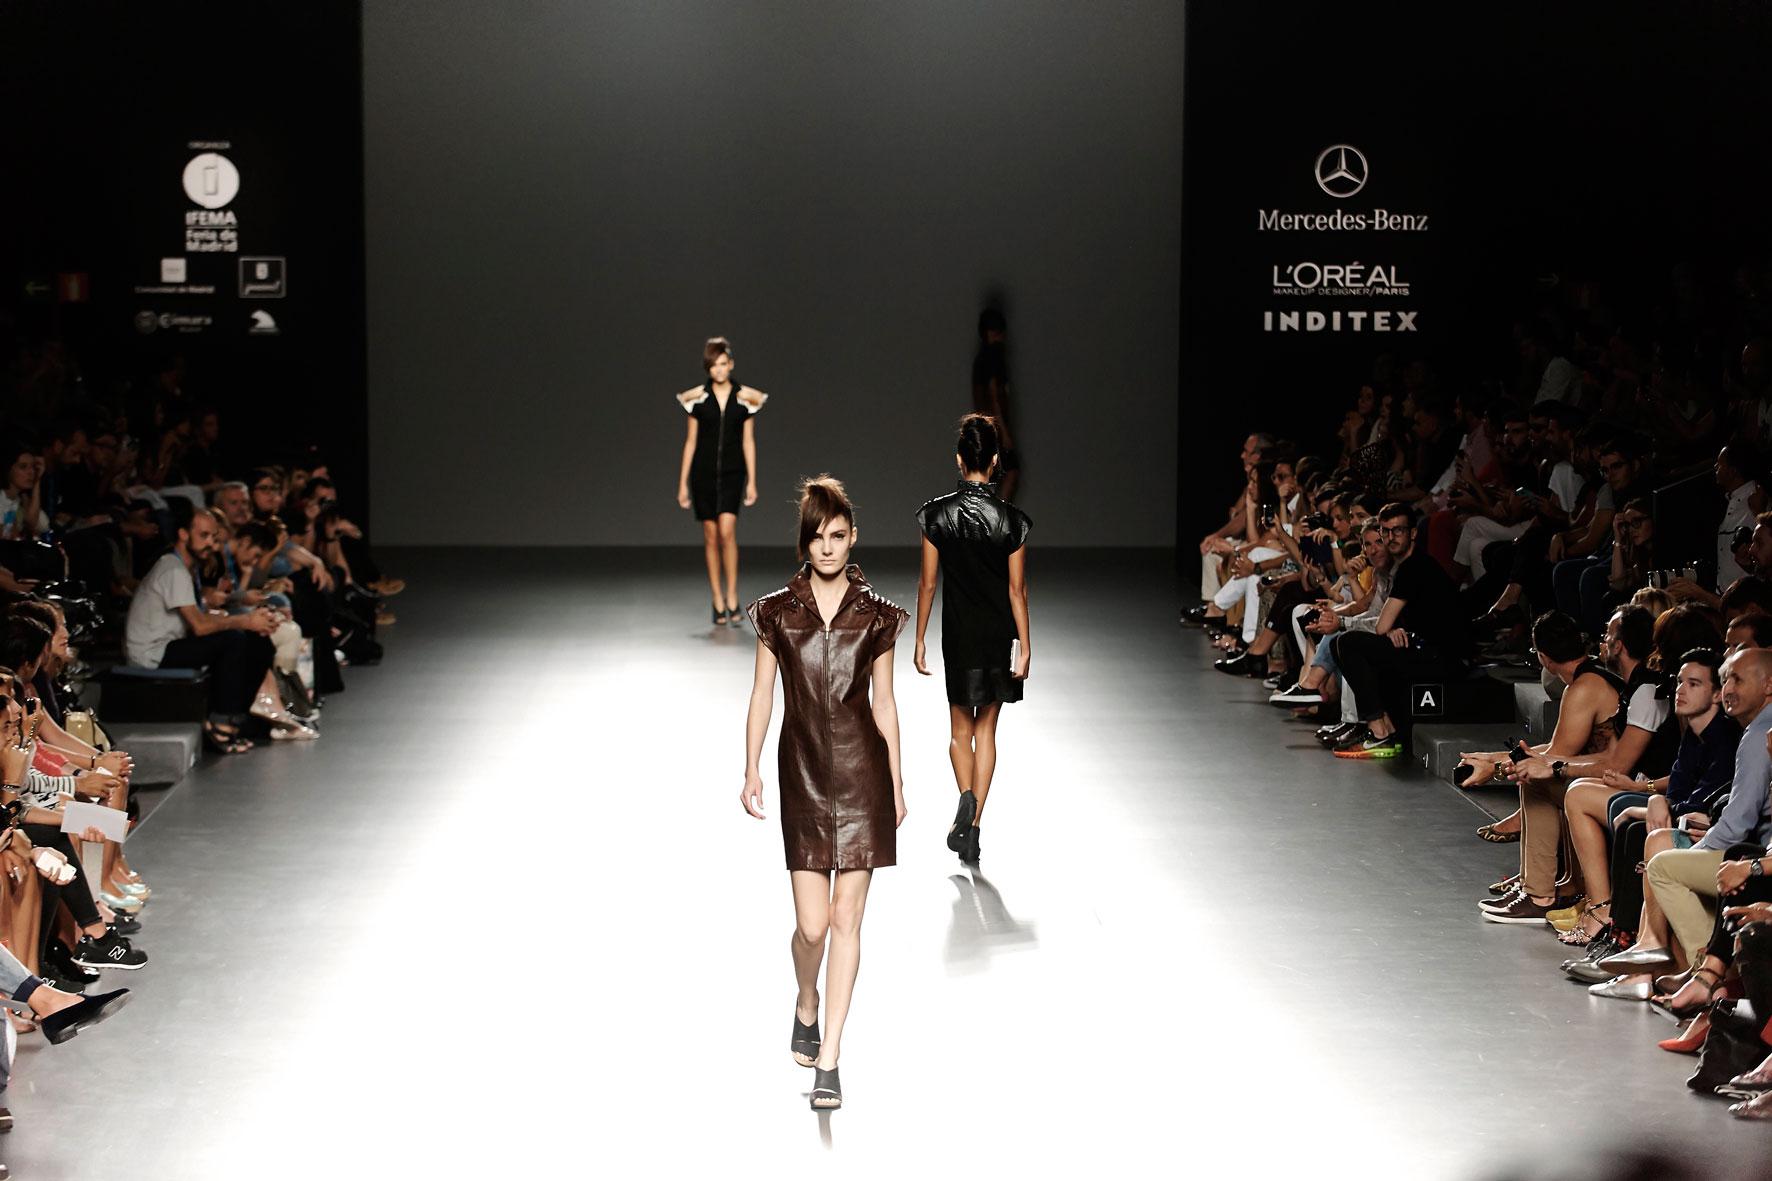 Un desfile de modelos - 3 part 6